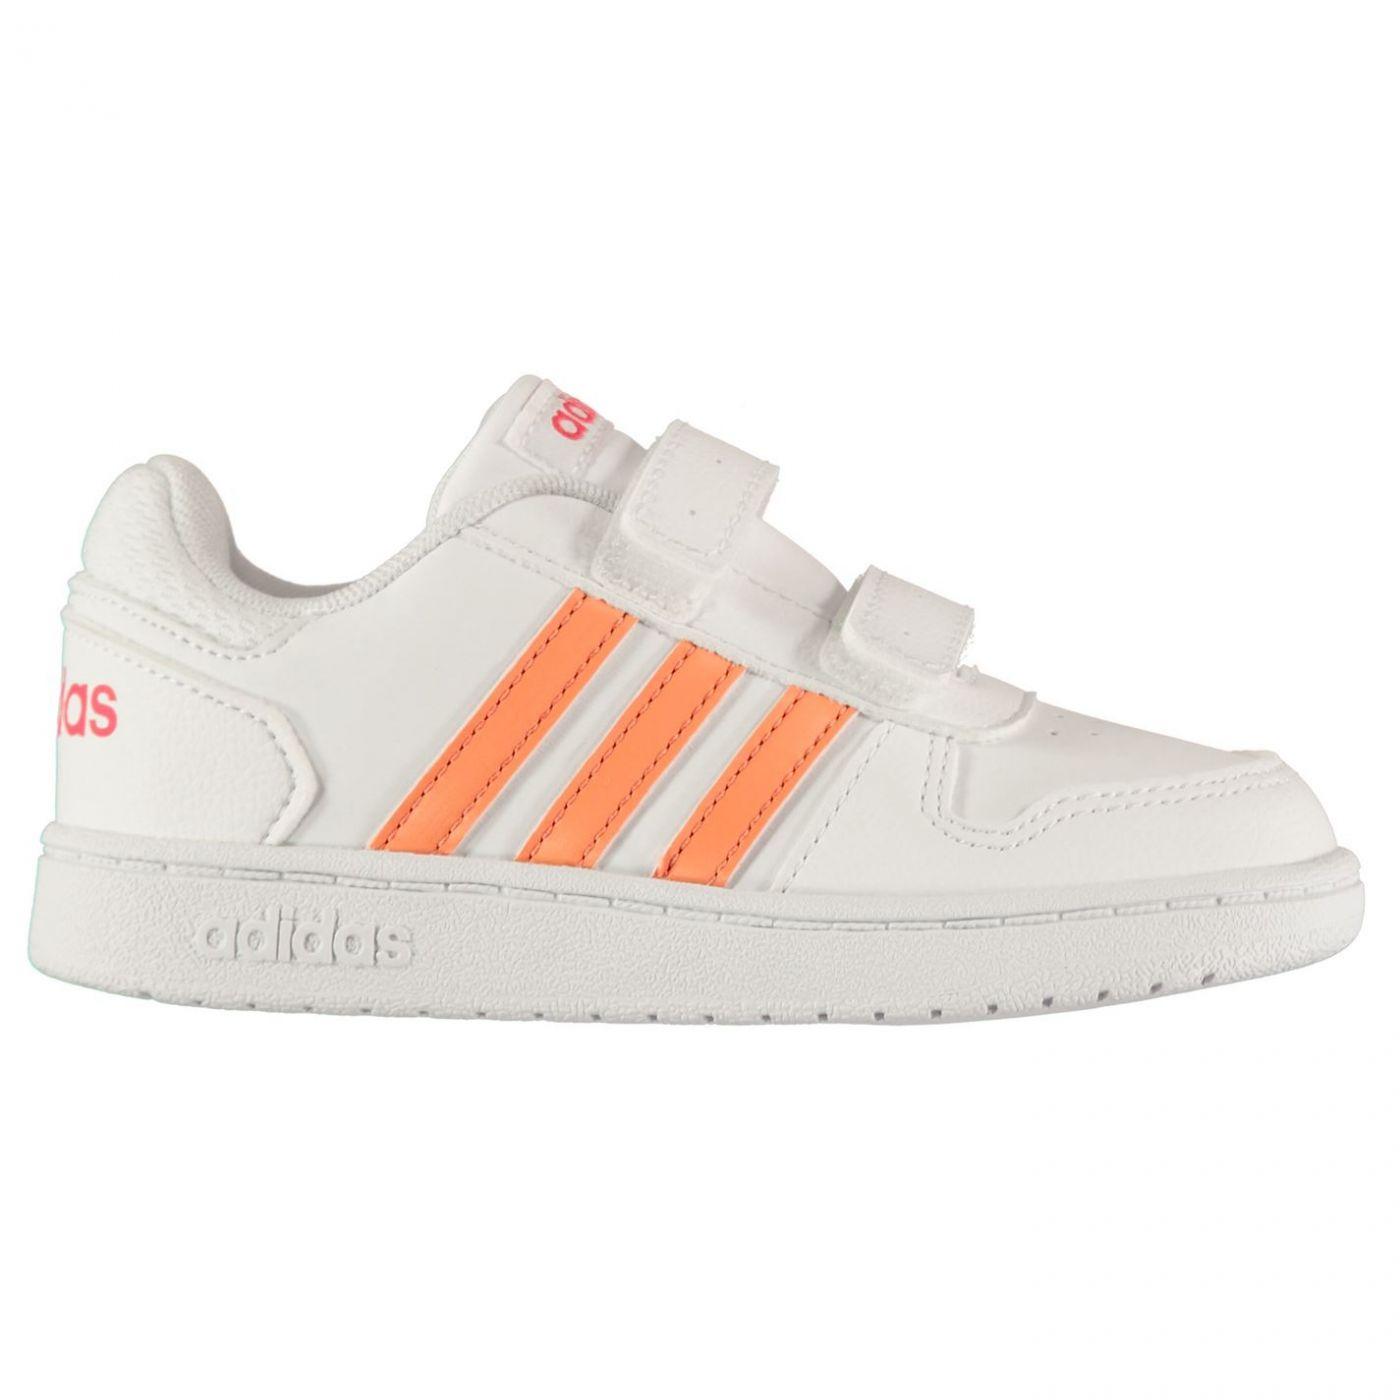 Adidas Hoops Syn Inf GL93